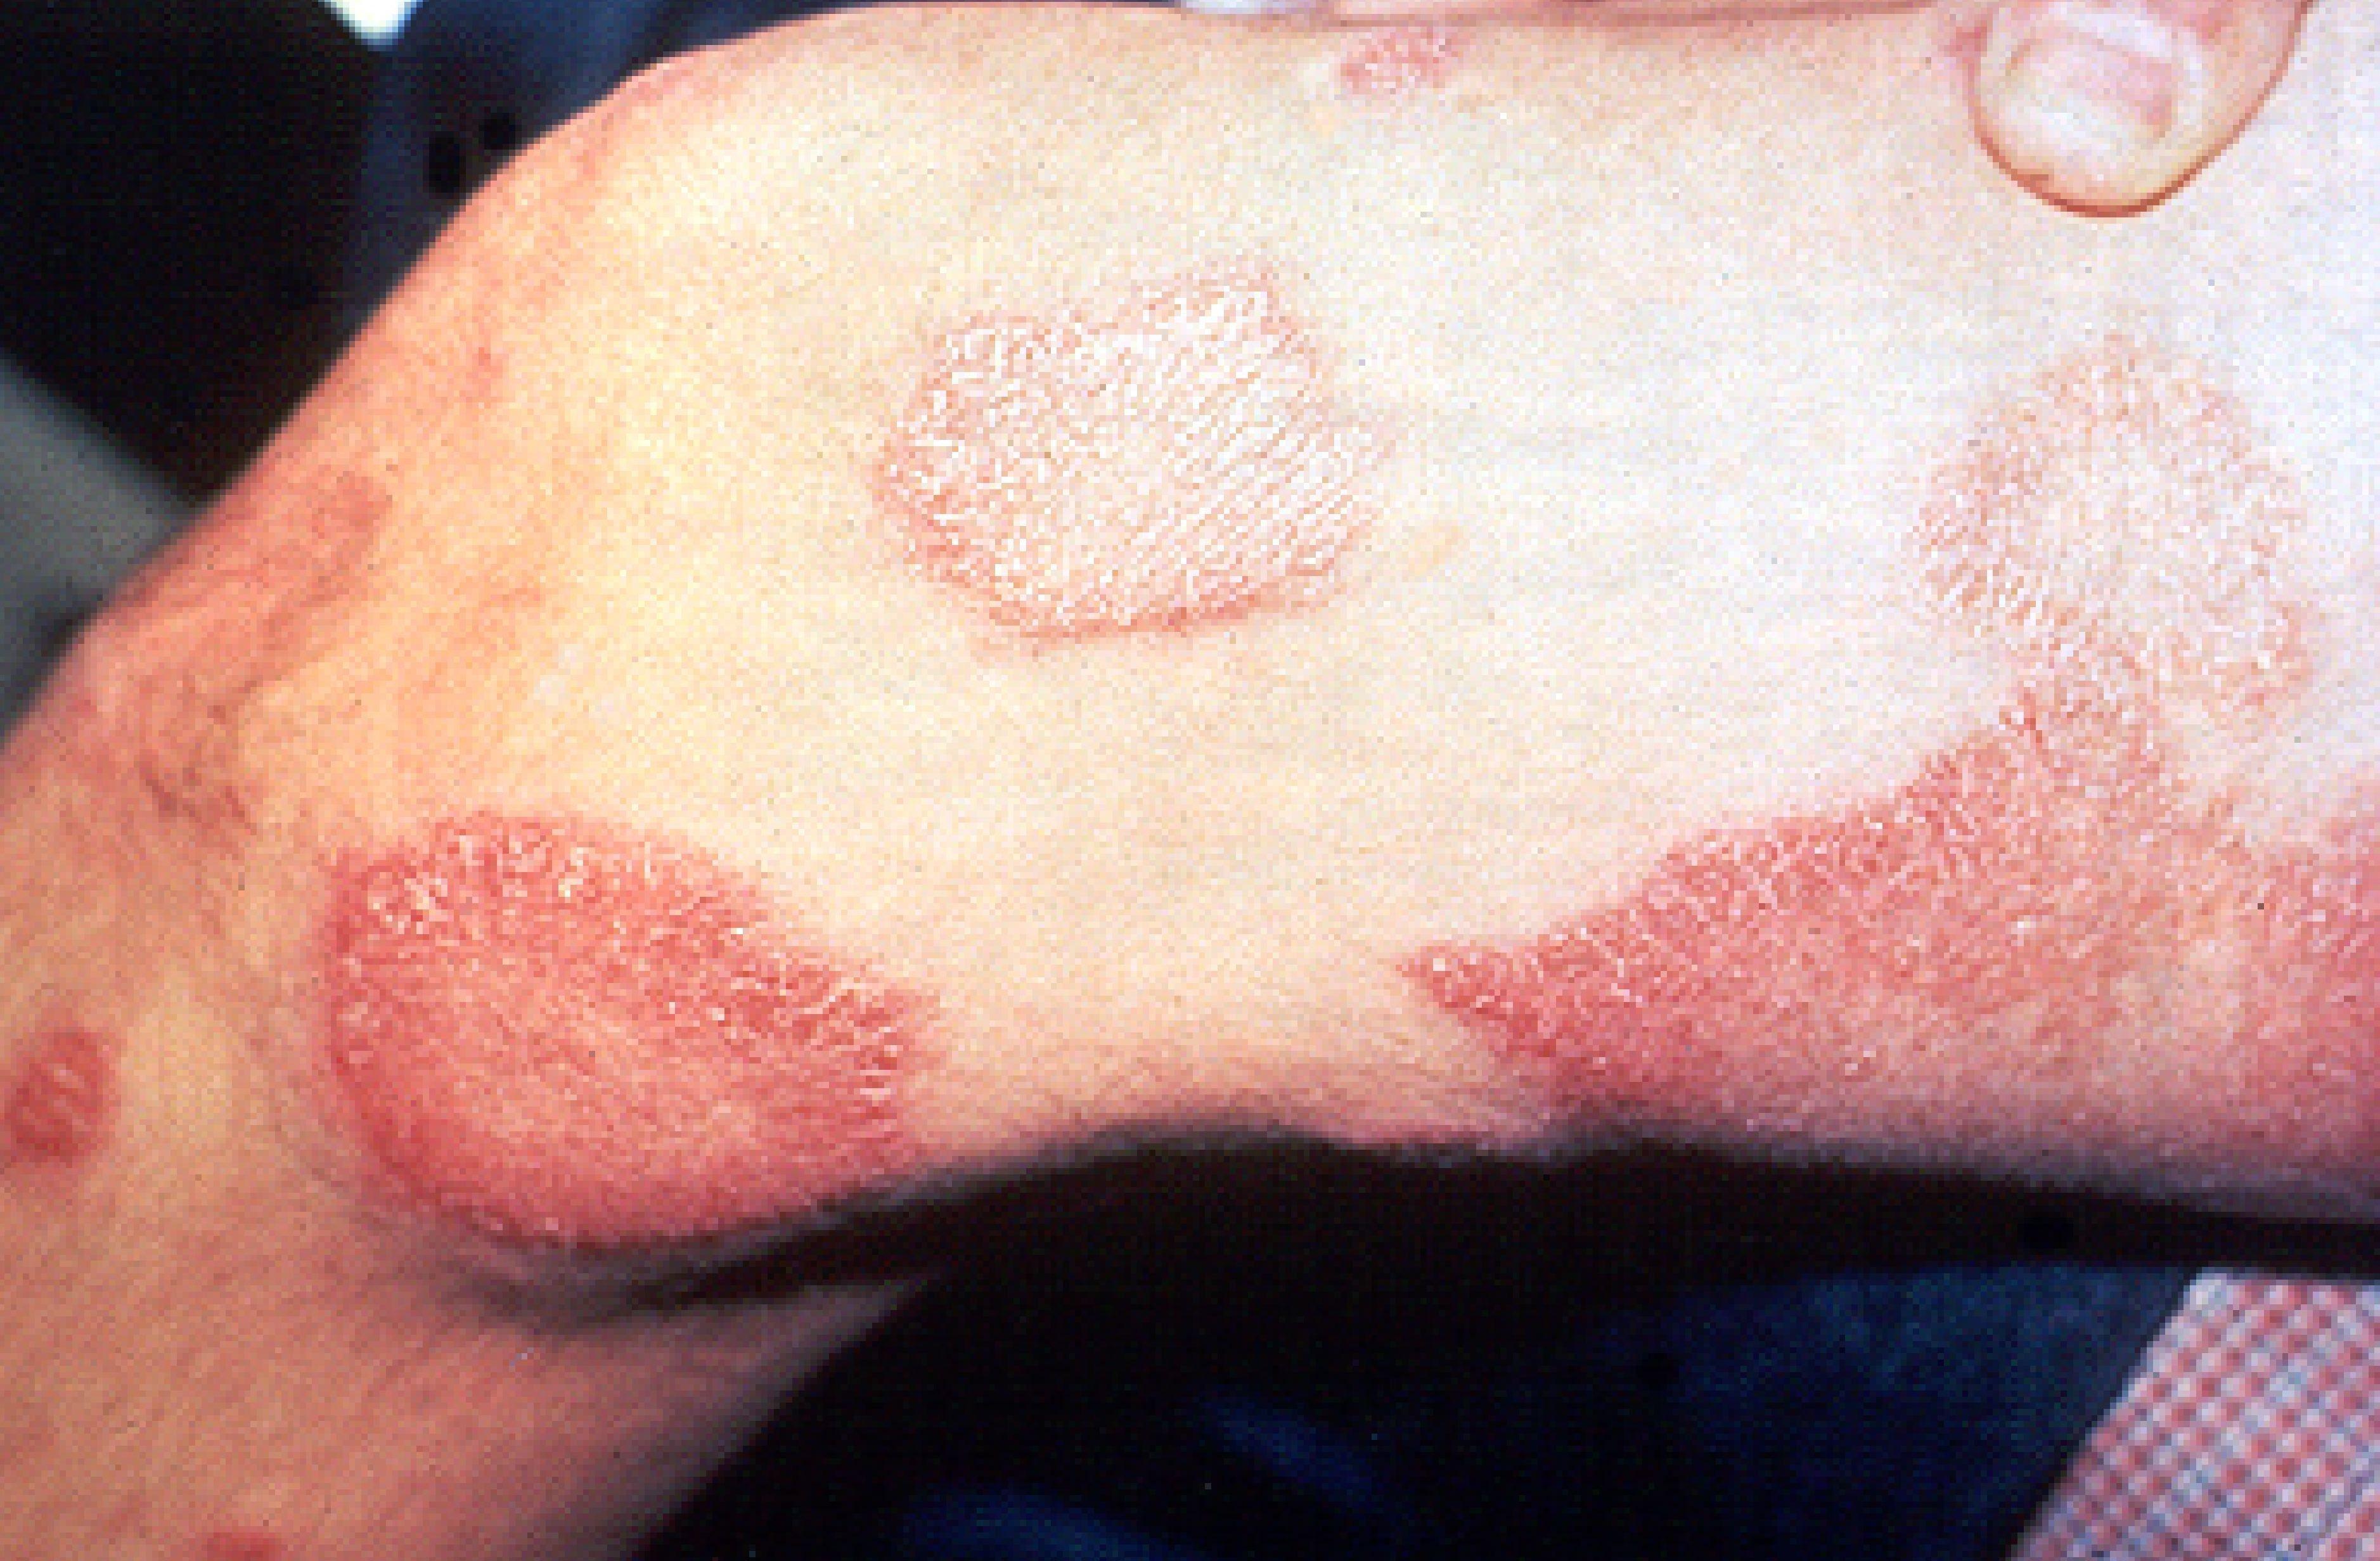 Manchas rosadas e avermelhadas são comuns em quem tem hanseníase (Foto: US.department of health and human services/Wikimedia Commons)